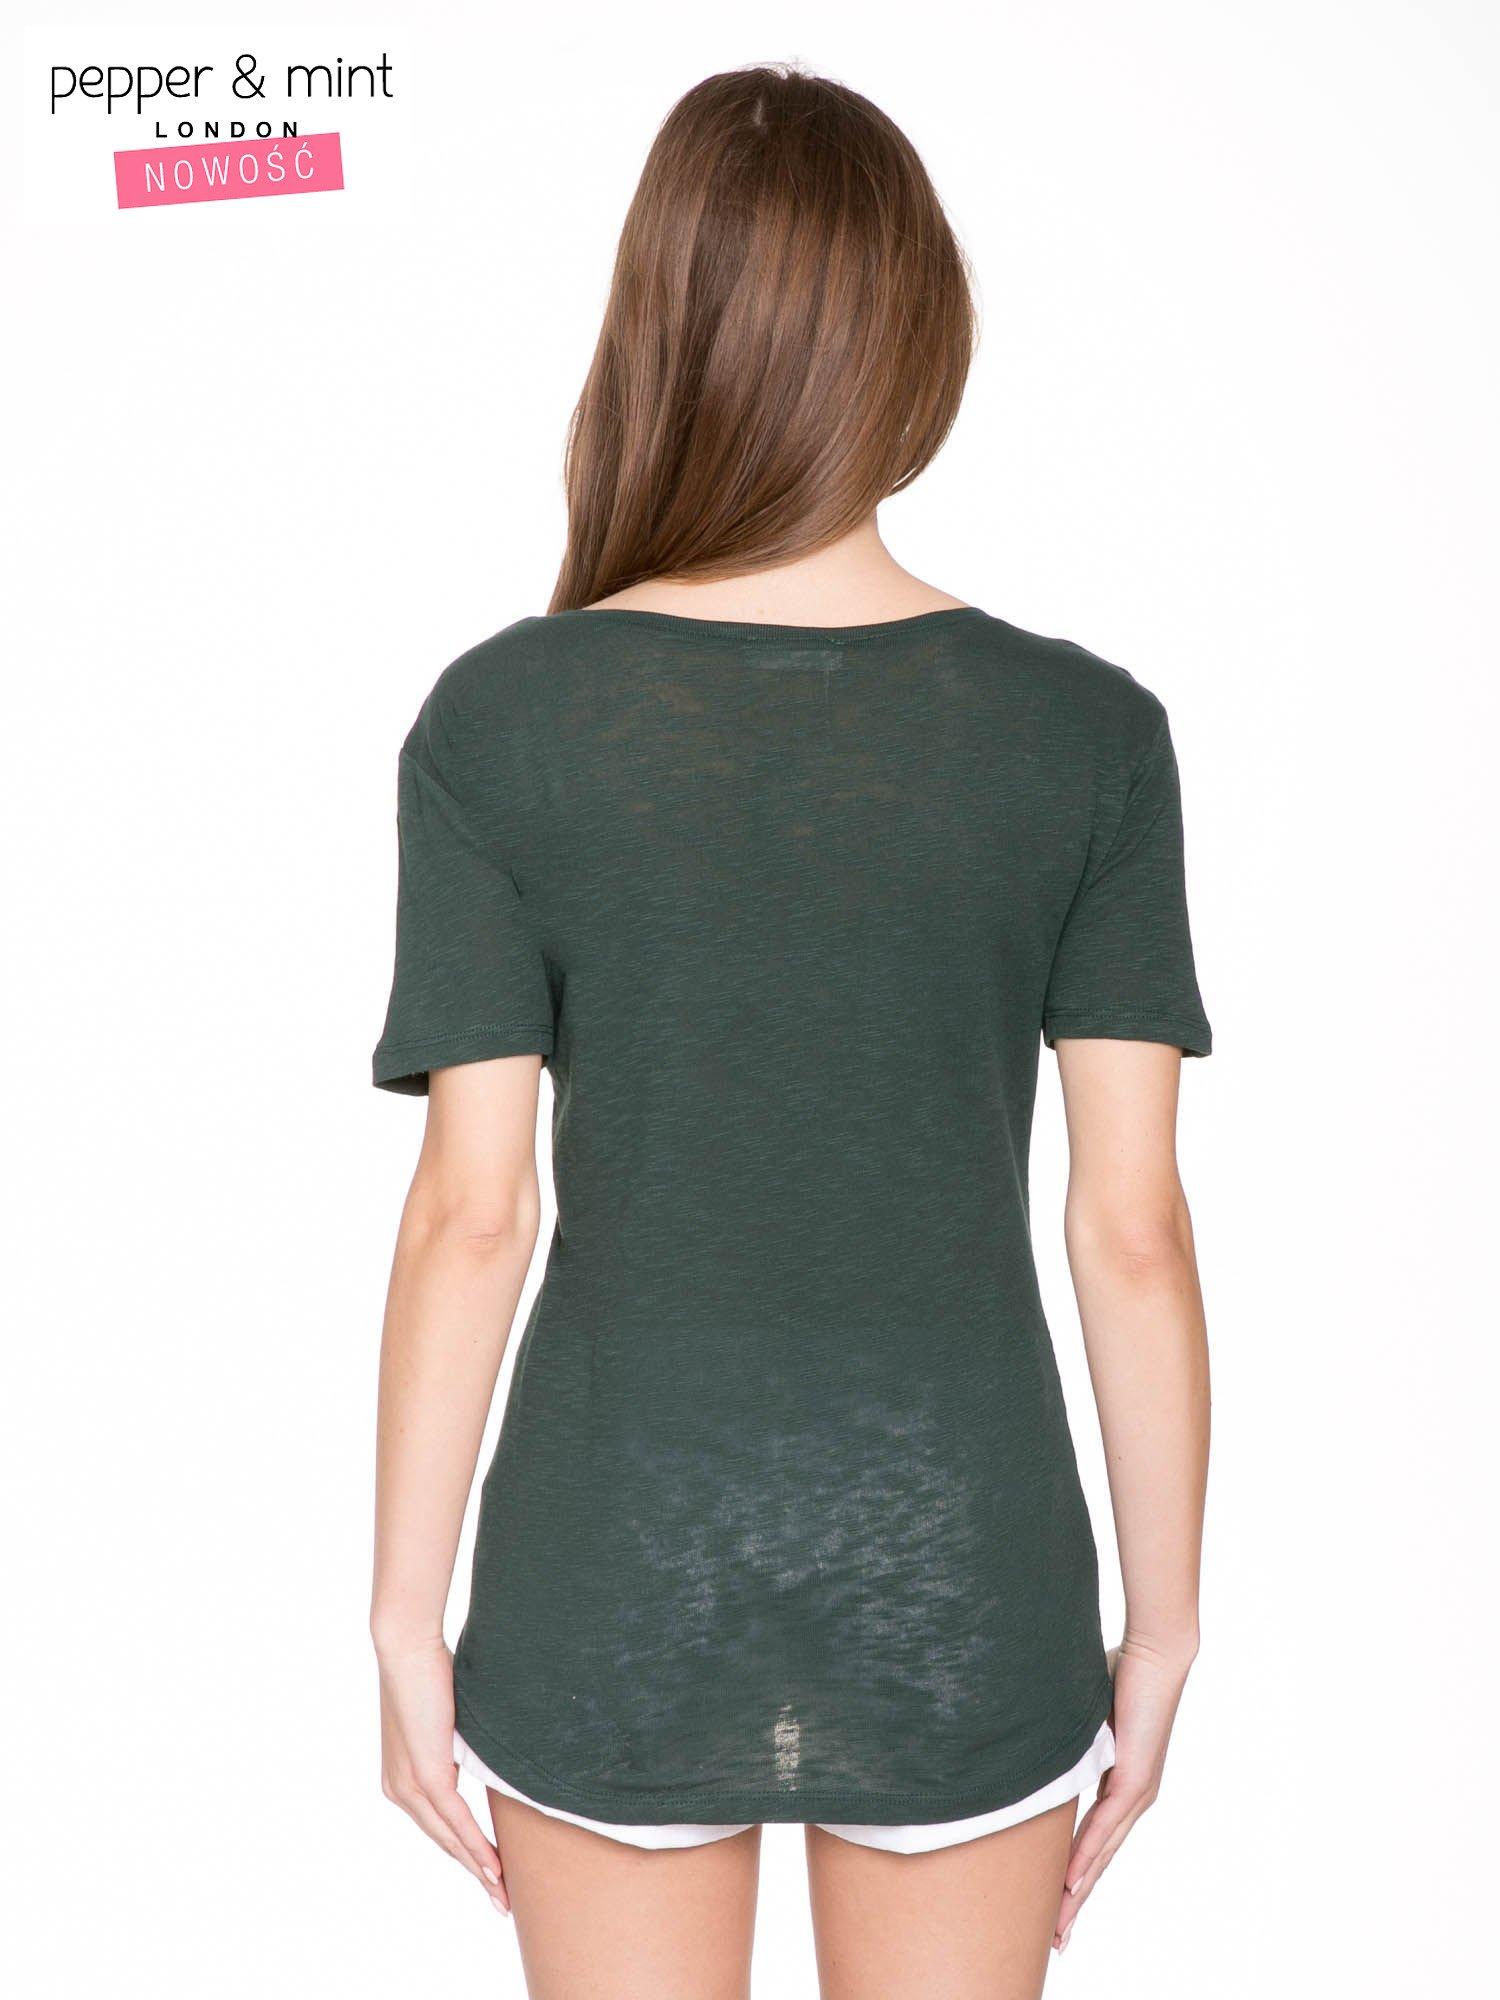 Ciemnozielony t-shirt z napisem OK                                  zdj.                                  4